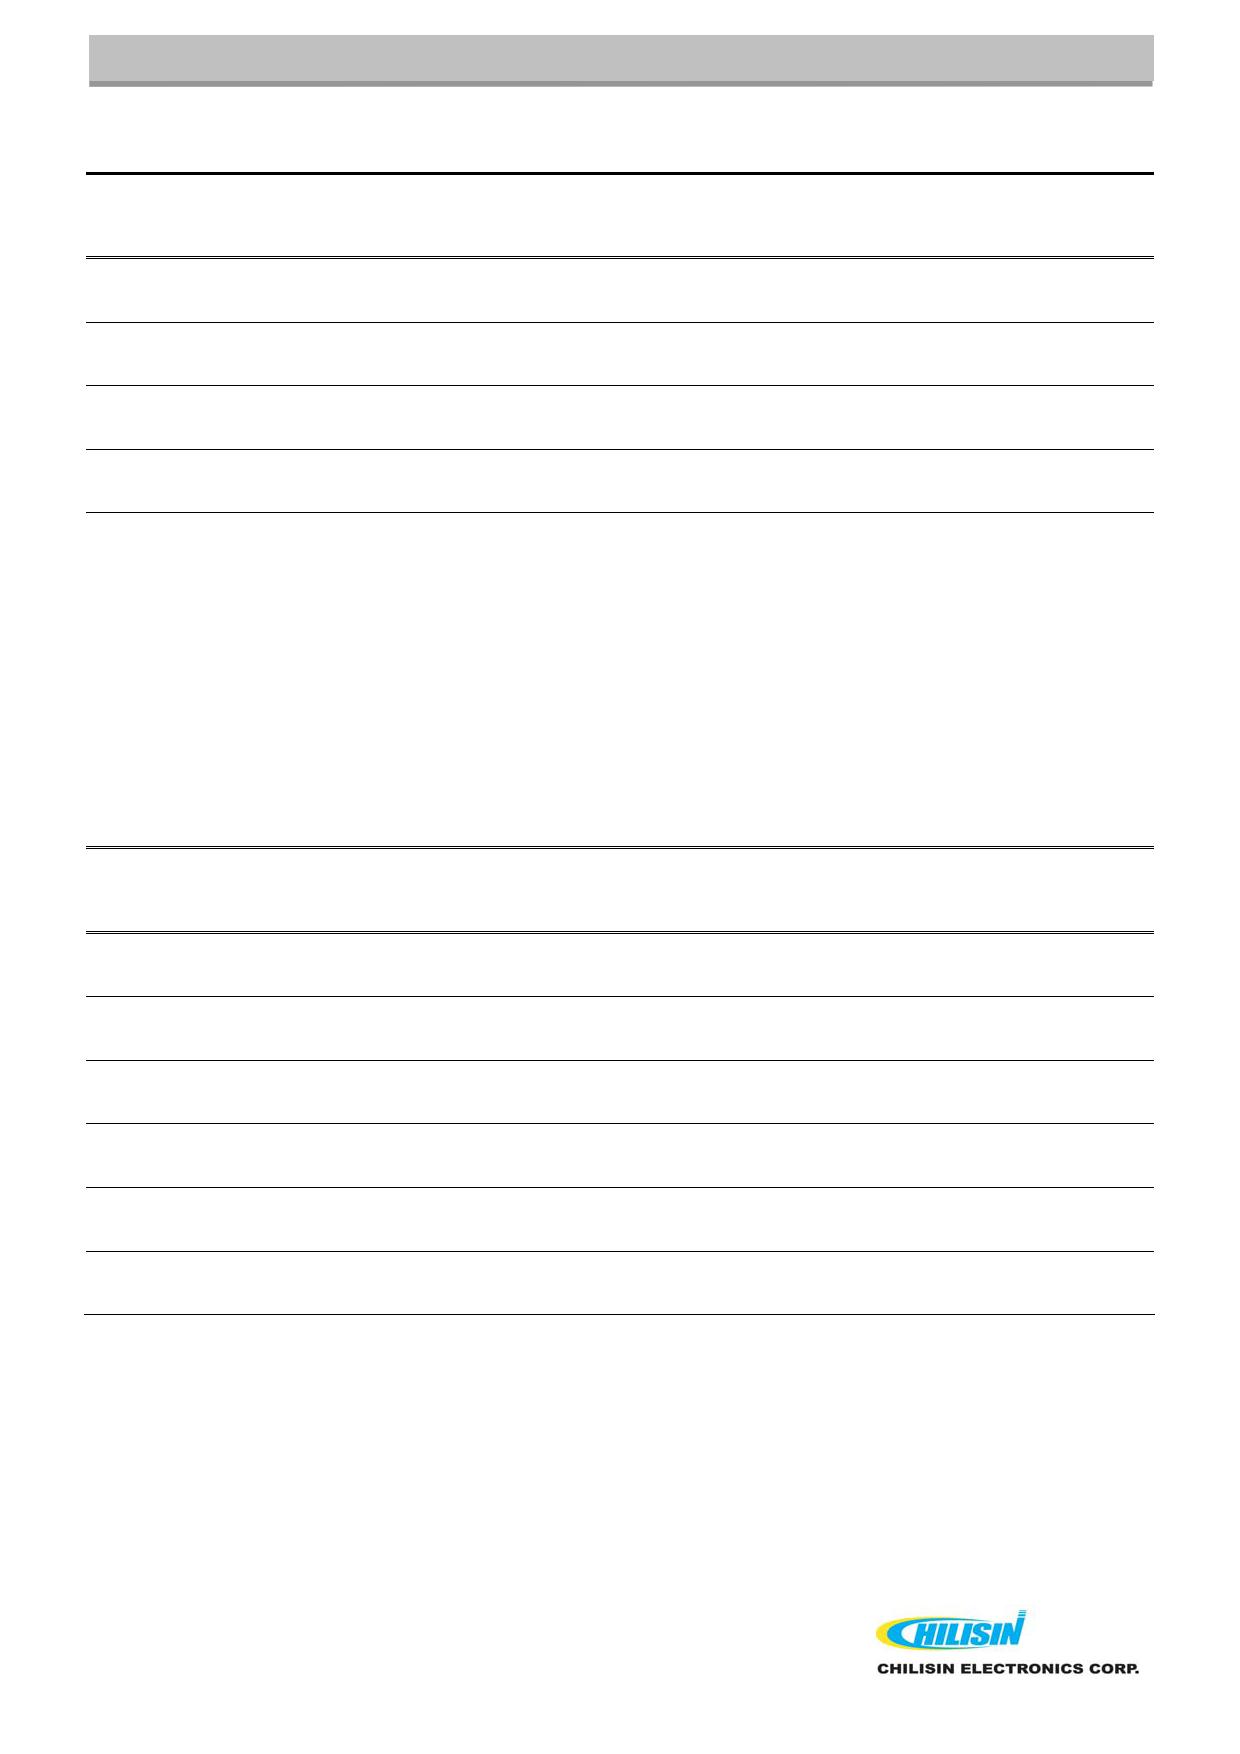 SQC575047 pdf, 반도체, 판매, 대치품